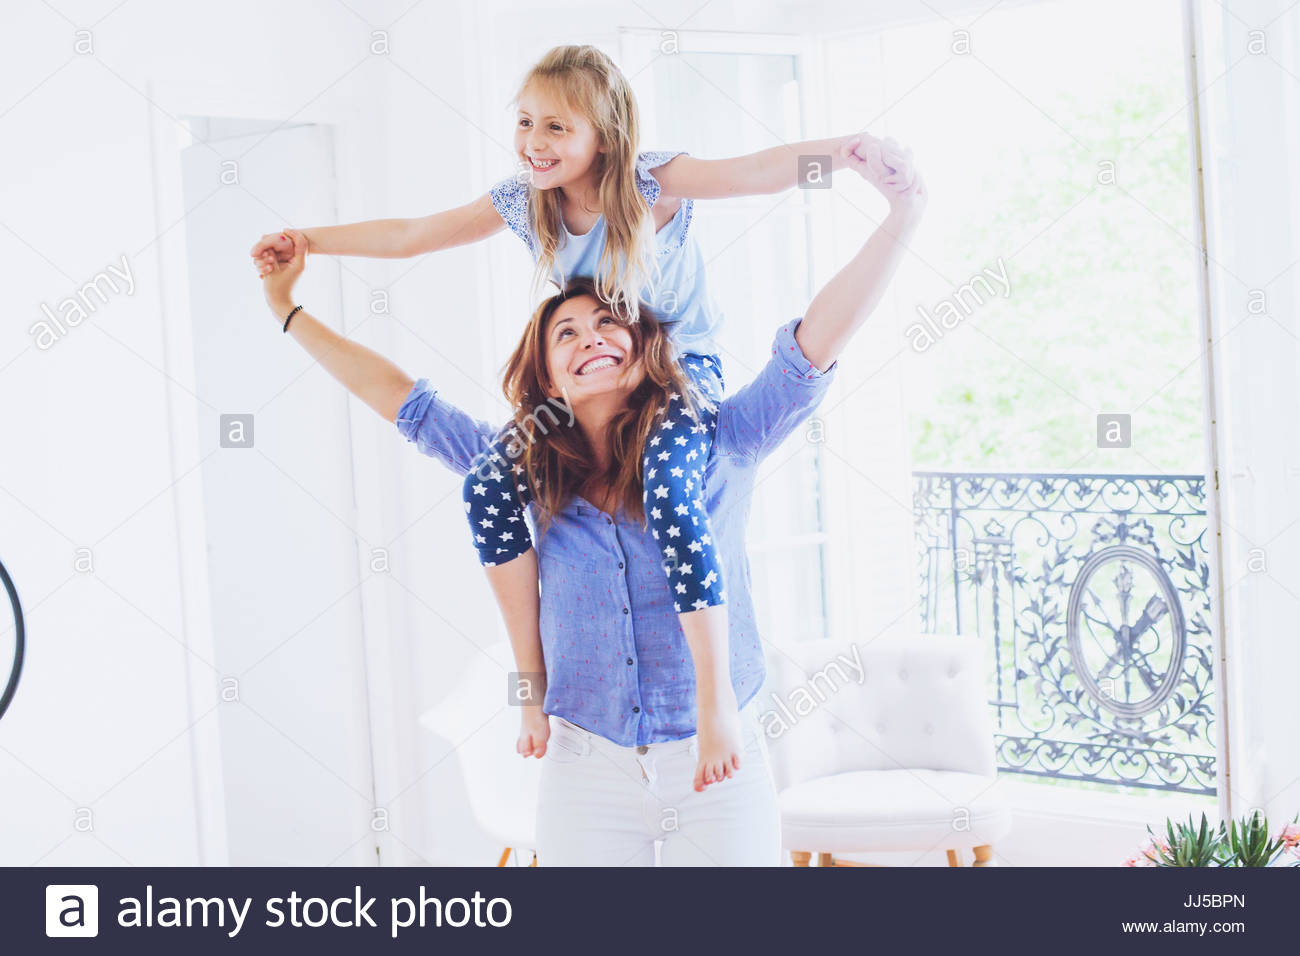 Mère et fille s'amuser ensemble à la maison, smiling caucasian family portrait Photo Stock